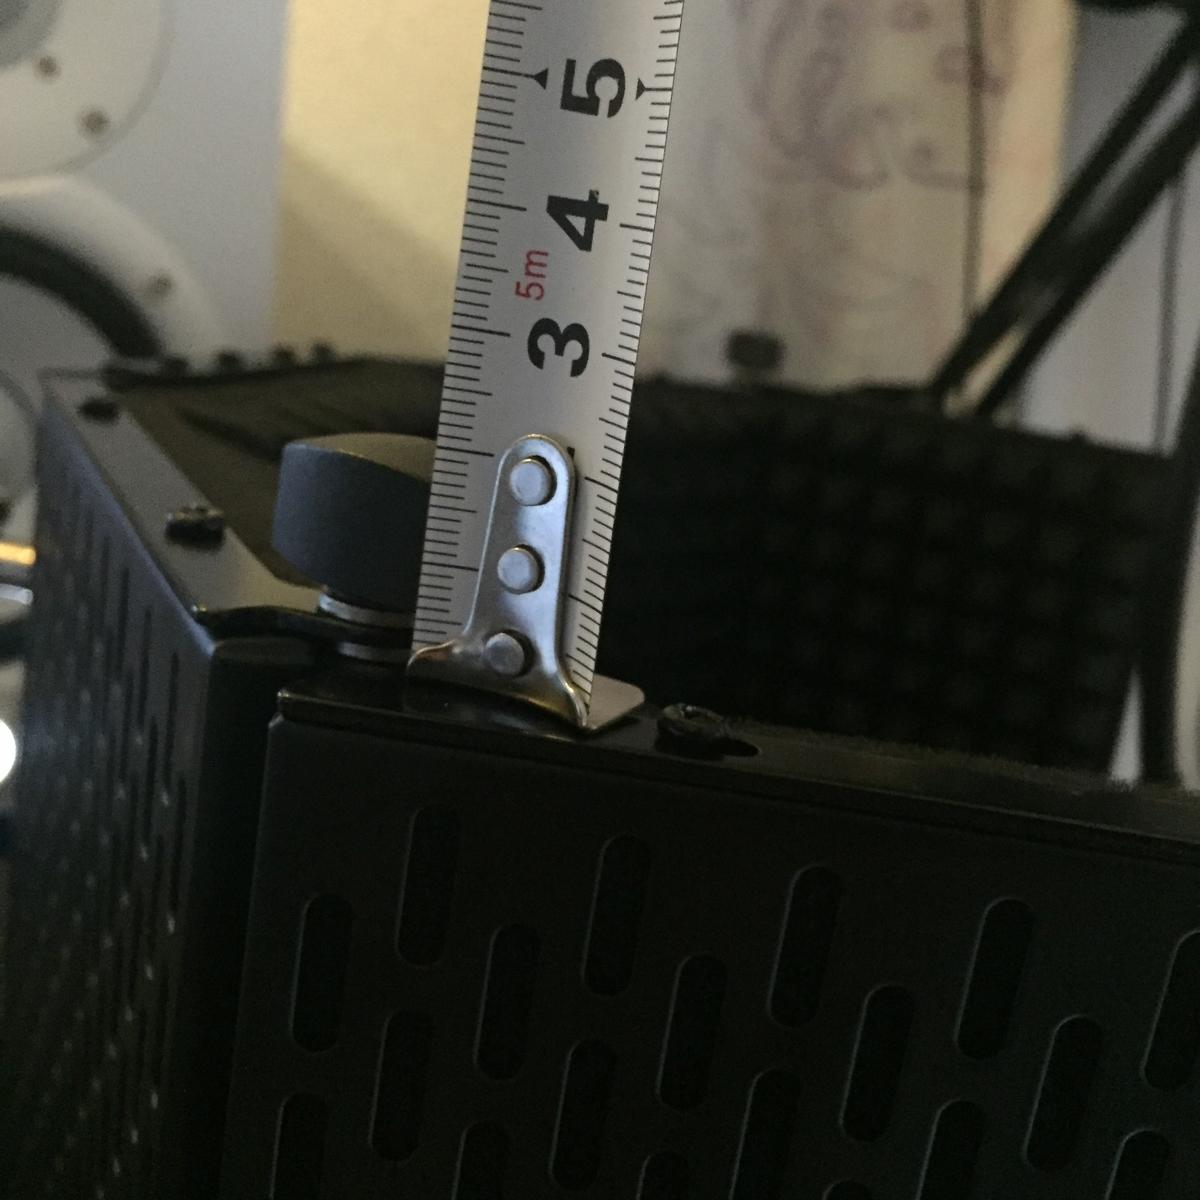 リフレクションフィルター スピーカー モニタリング ヘッドホン MIX 編集 宅録 音楽 機材 Cubase 歌ってみた 作詞 作曲 打ち込み DTM DAW